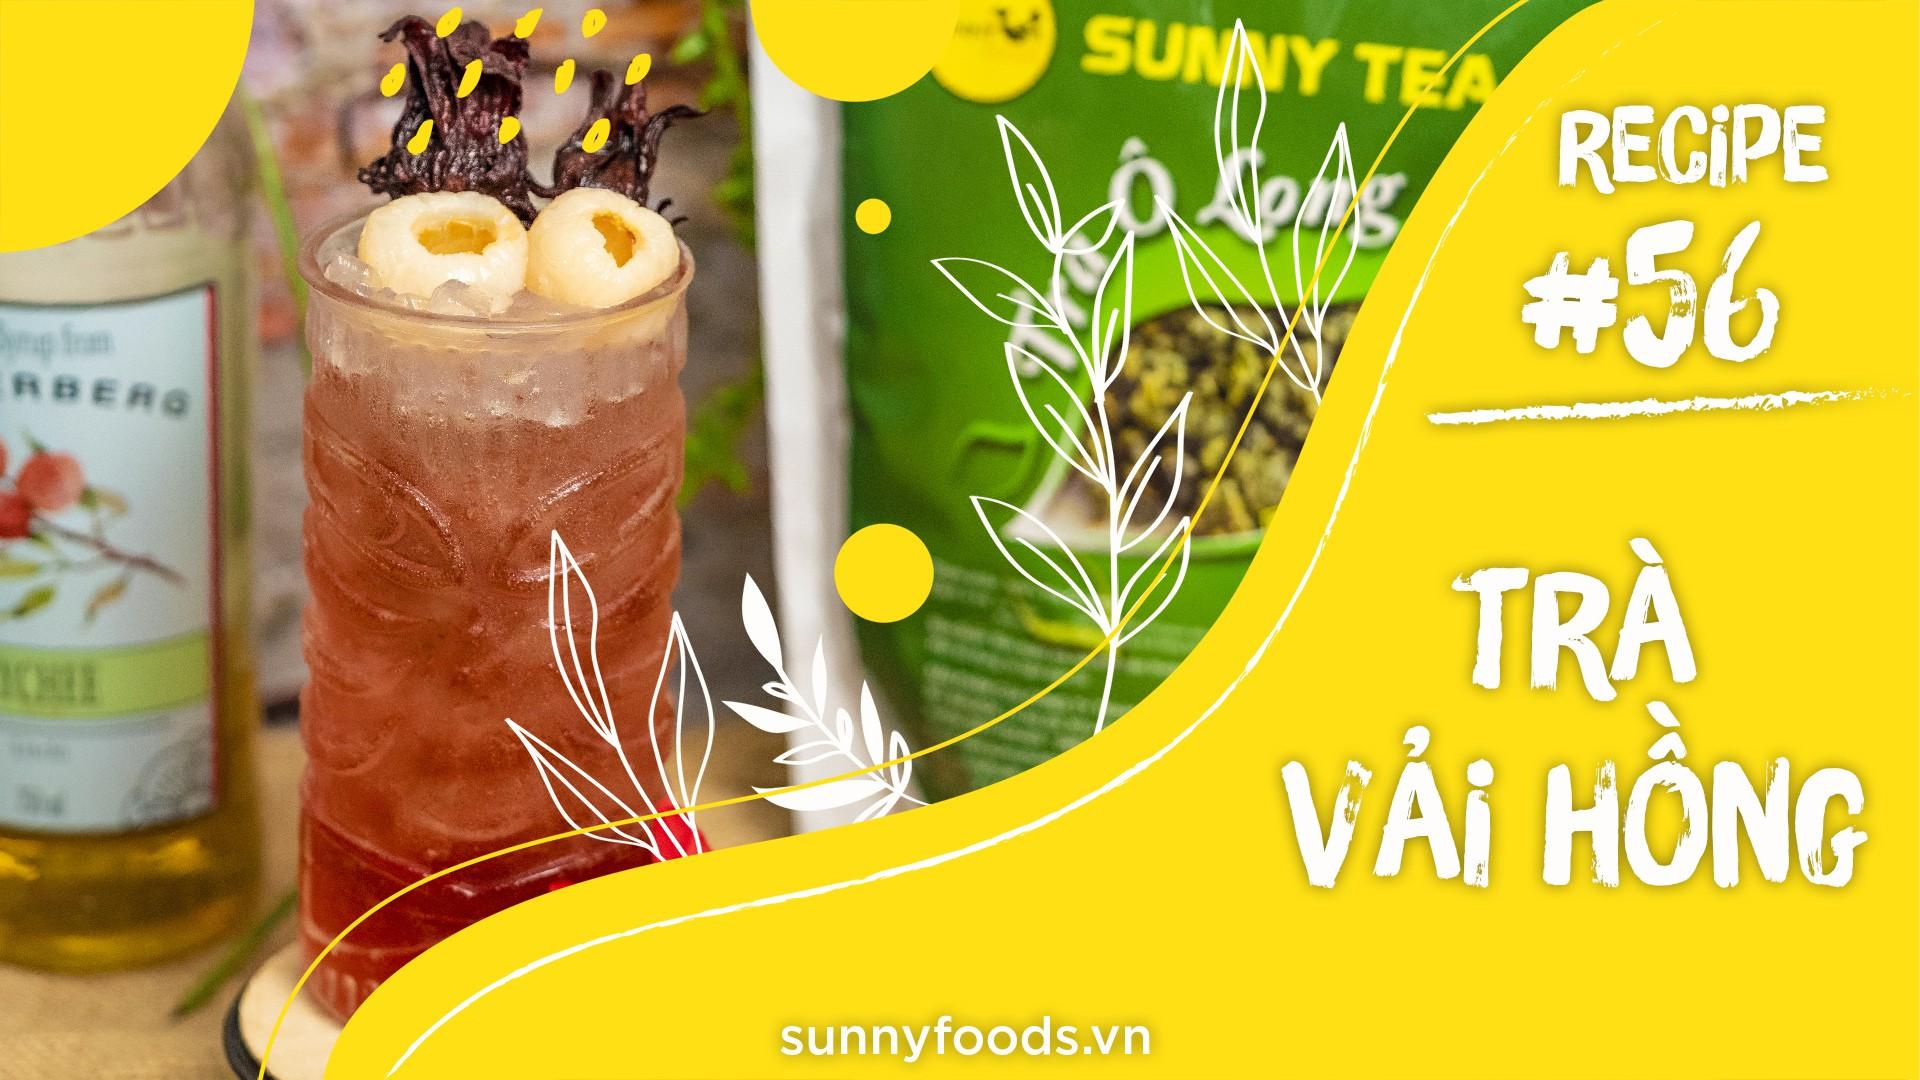 CÔNG THỨC SỐ 56: TRÀ VẢI HỒNG – Cách làm thức uống thơm ngon giải nhiệt mùa hè